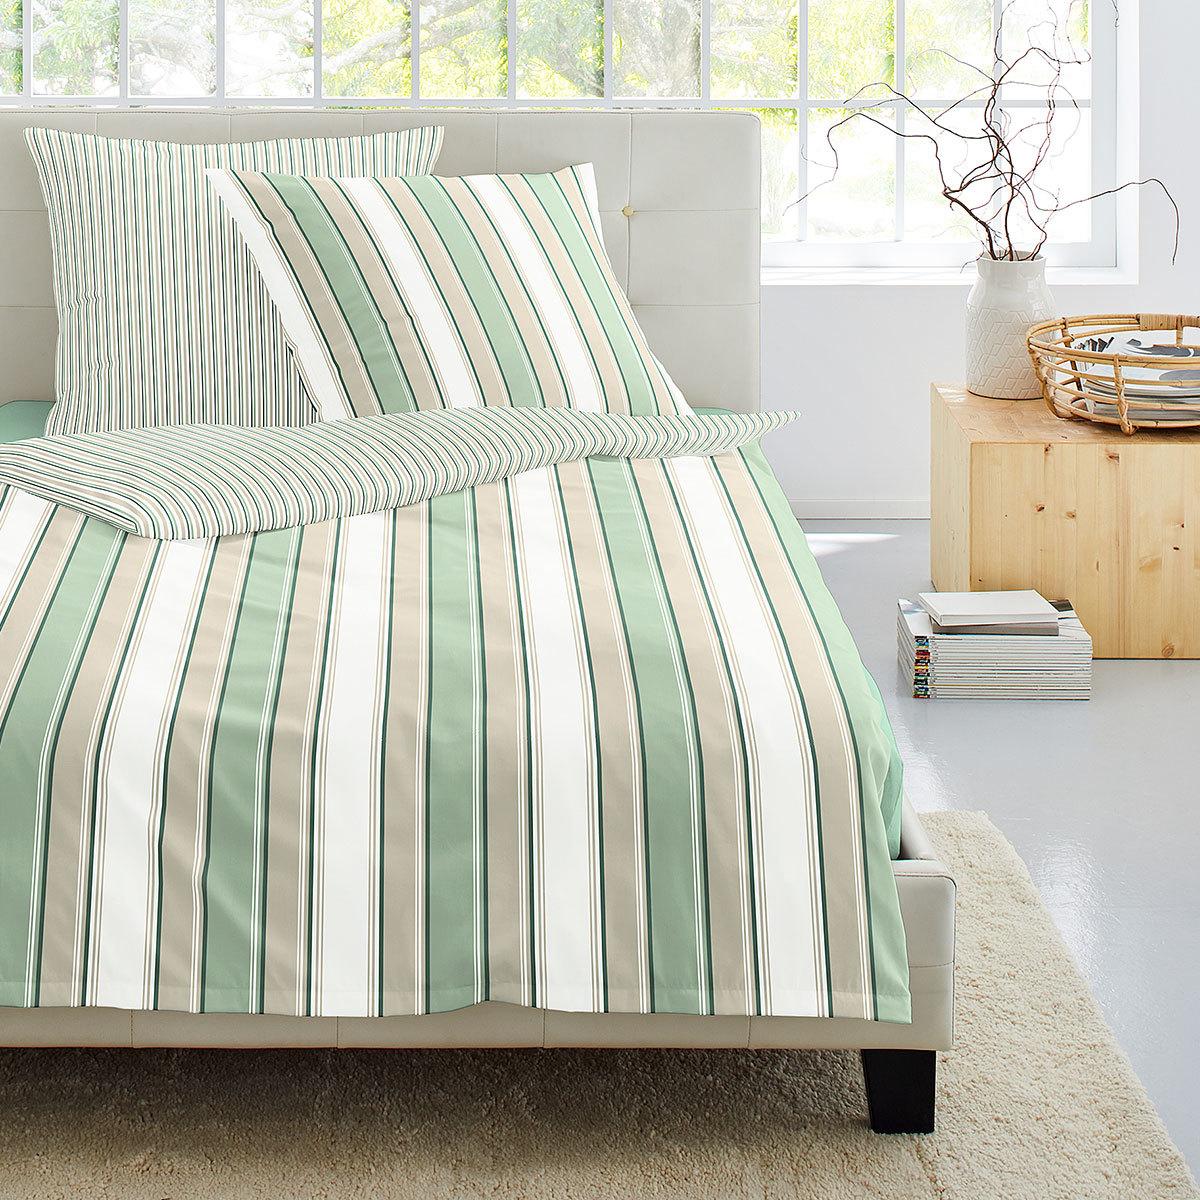 irisette mako satin bettw sche sol k 8745 30 g nstig online kaufen bei bettwaren shop. Black Bedroom Furniture Sets. Home Design Ideas